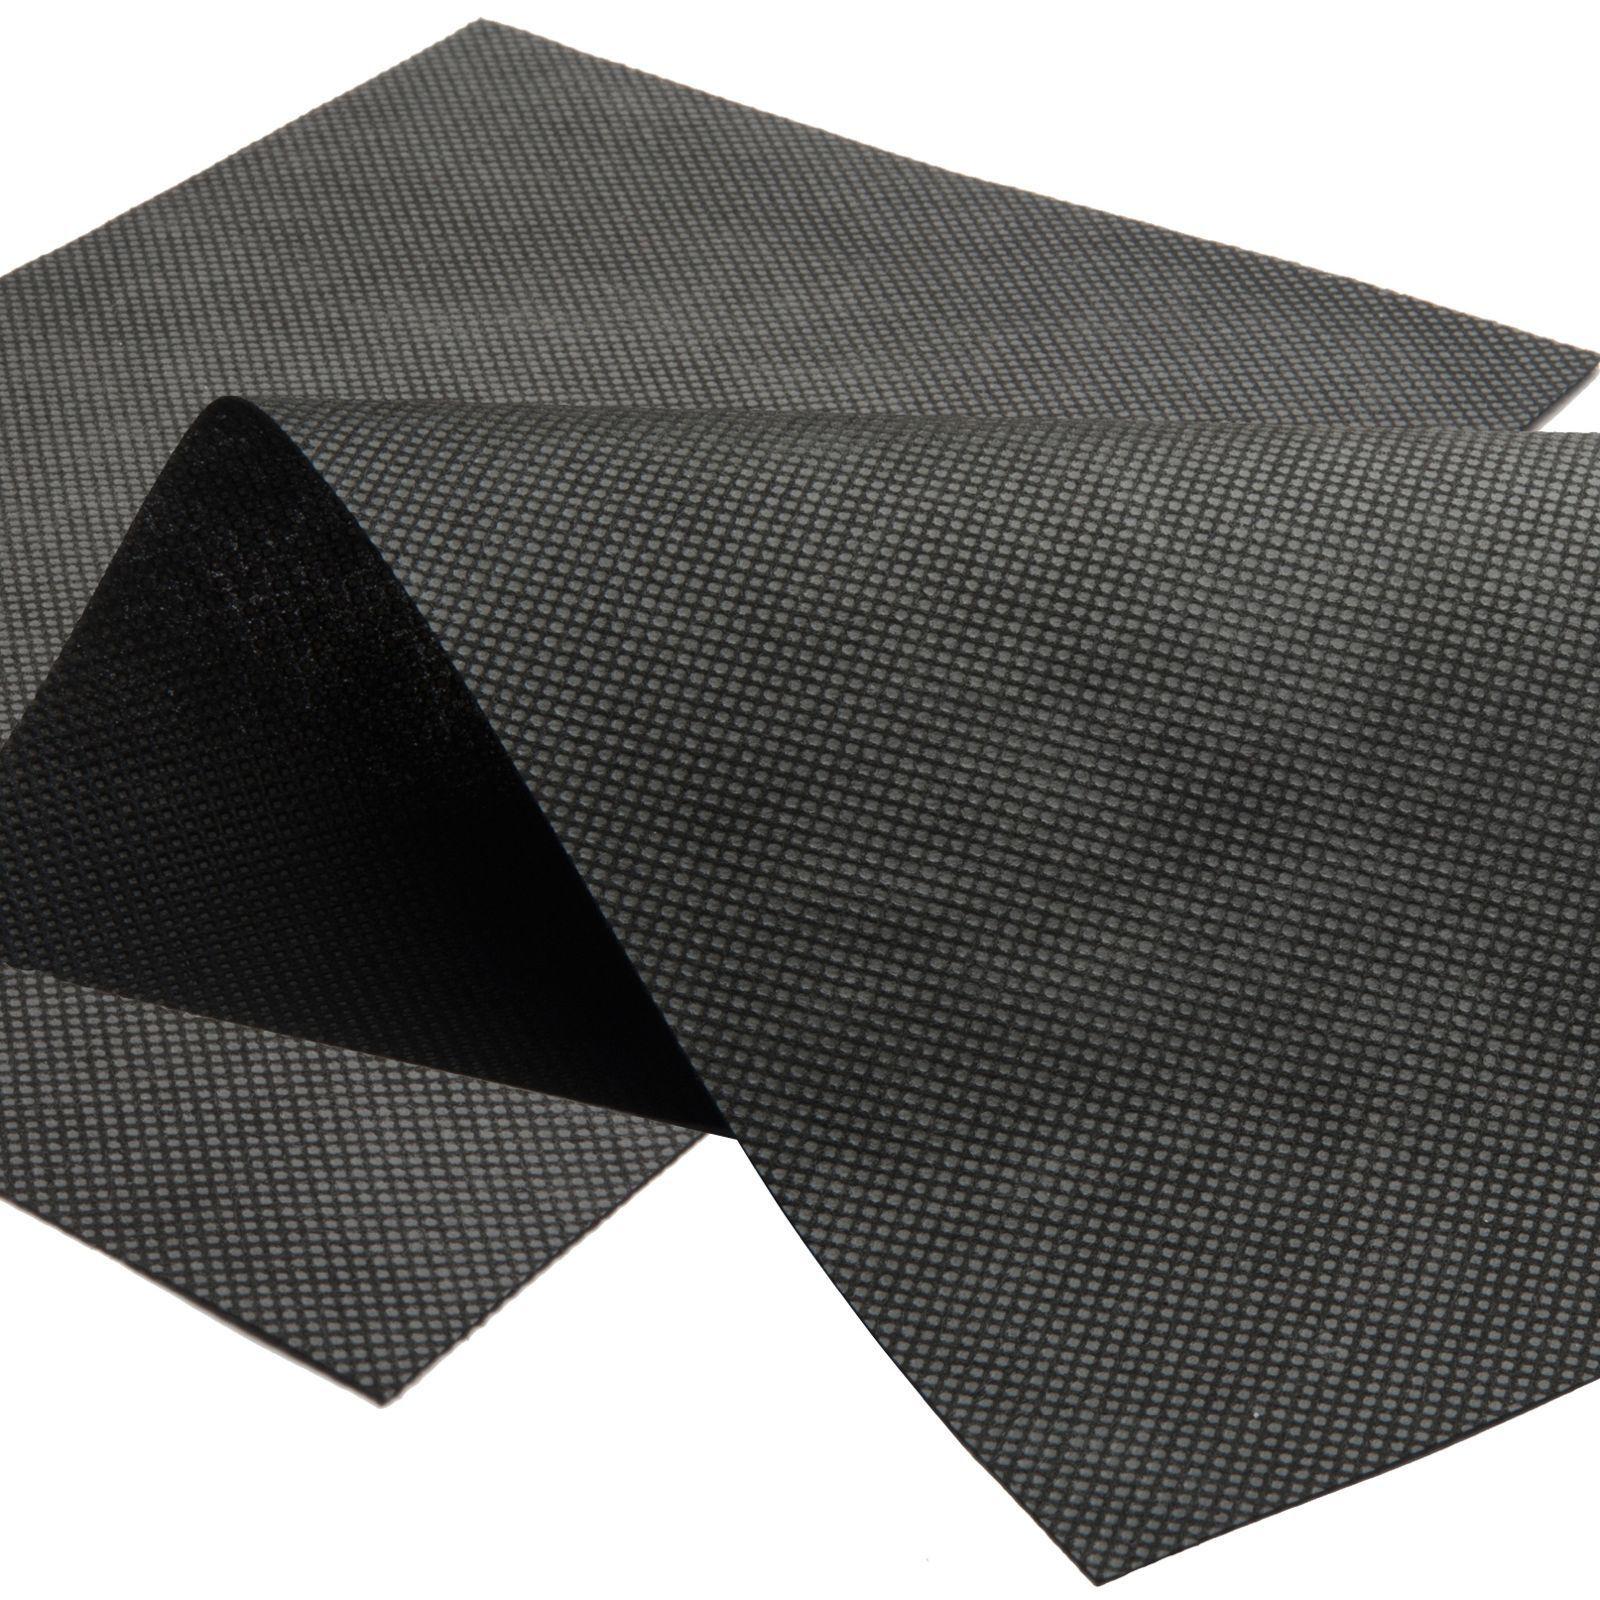 150 m² Unkrautvlies Unkrautfolie 1,00 m breit - 80 g m² - Materialprobe gratis